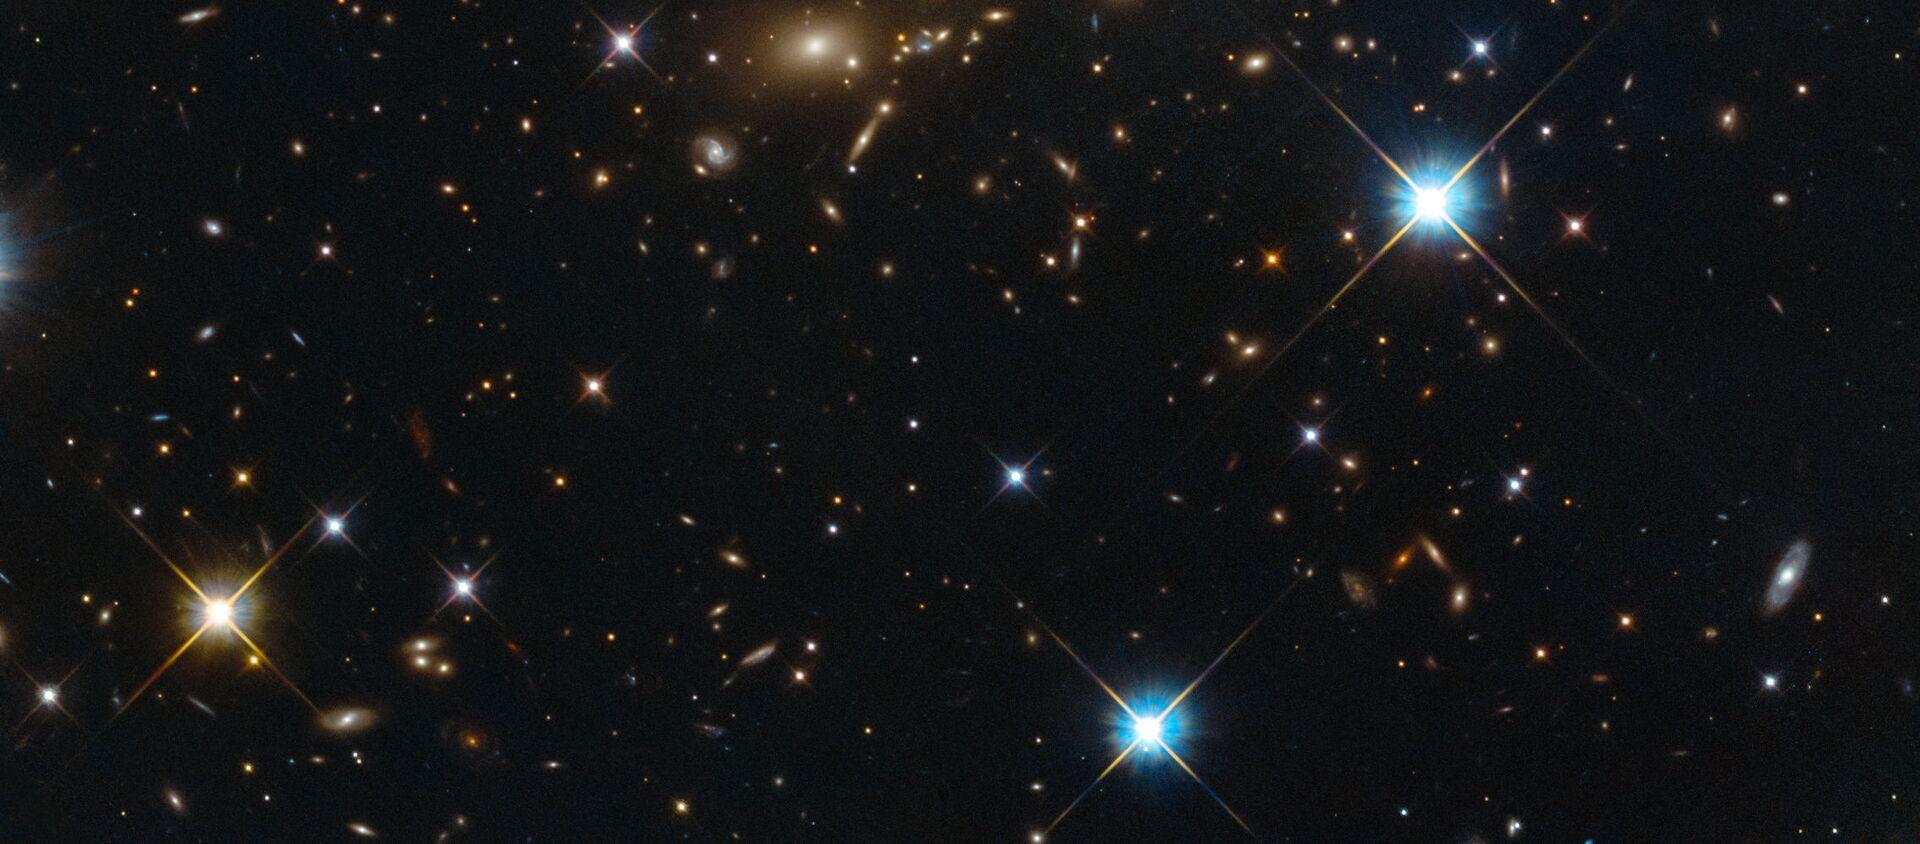 Ammasso di galassie PLCK G308.3-20.2 nella costellazione Uccello del Paradiso. - Sputnik Italia, 1920, 12.02.2019